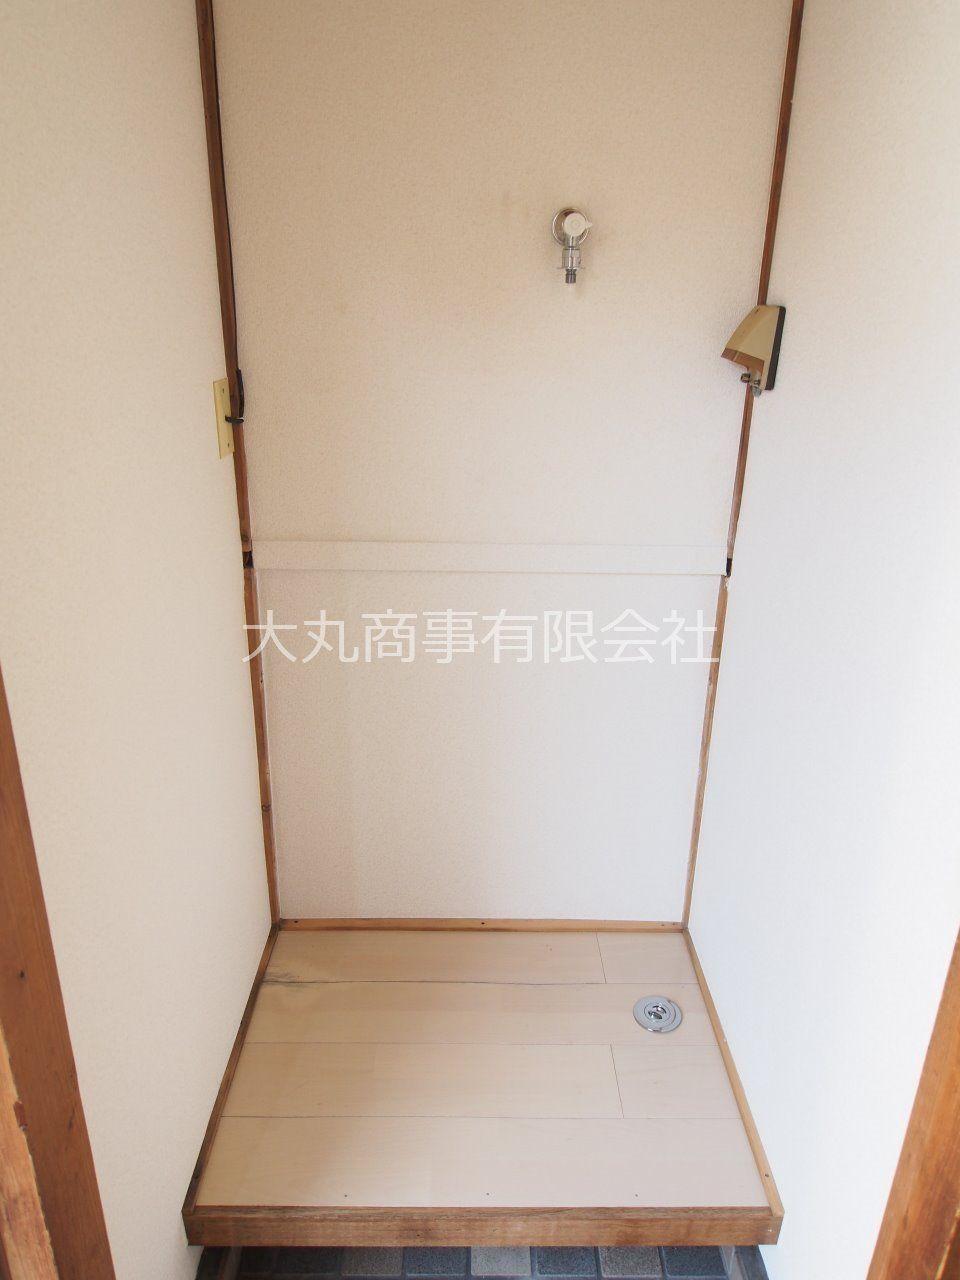 洗濯機が汚れにくい室内洗濯機置場